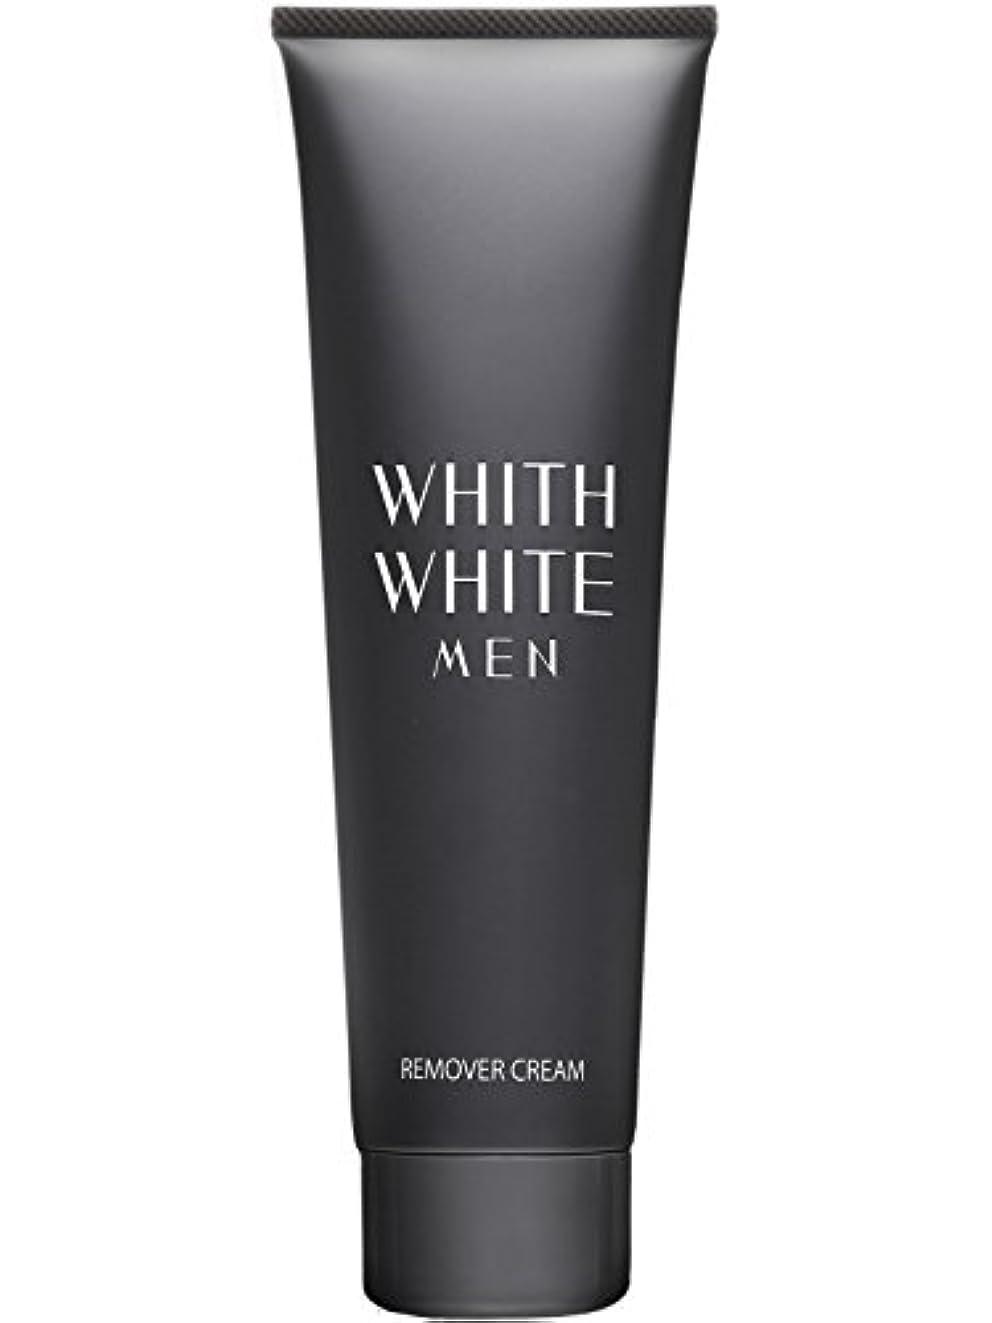 ご覧ください不信神の医薬部外品 フィス ホワイト メンズ 除毛クリーム リムーバークリーム 陰部 使用可能 210g